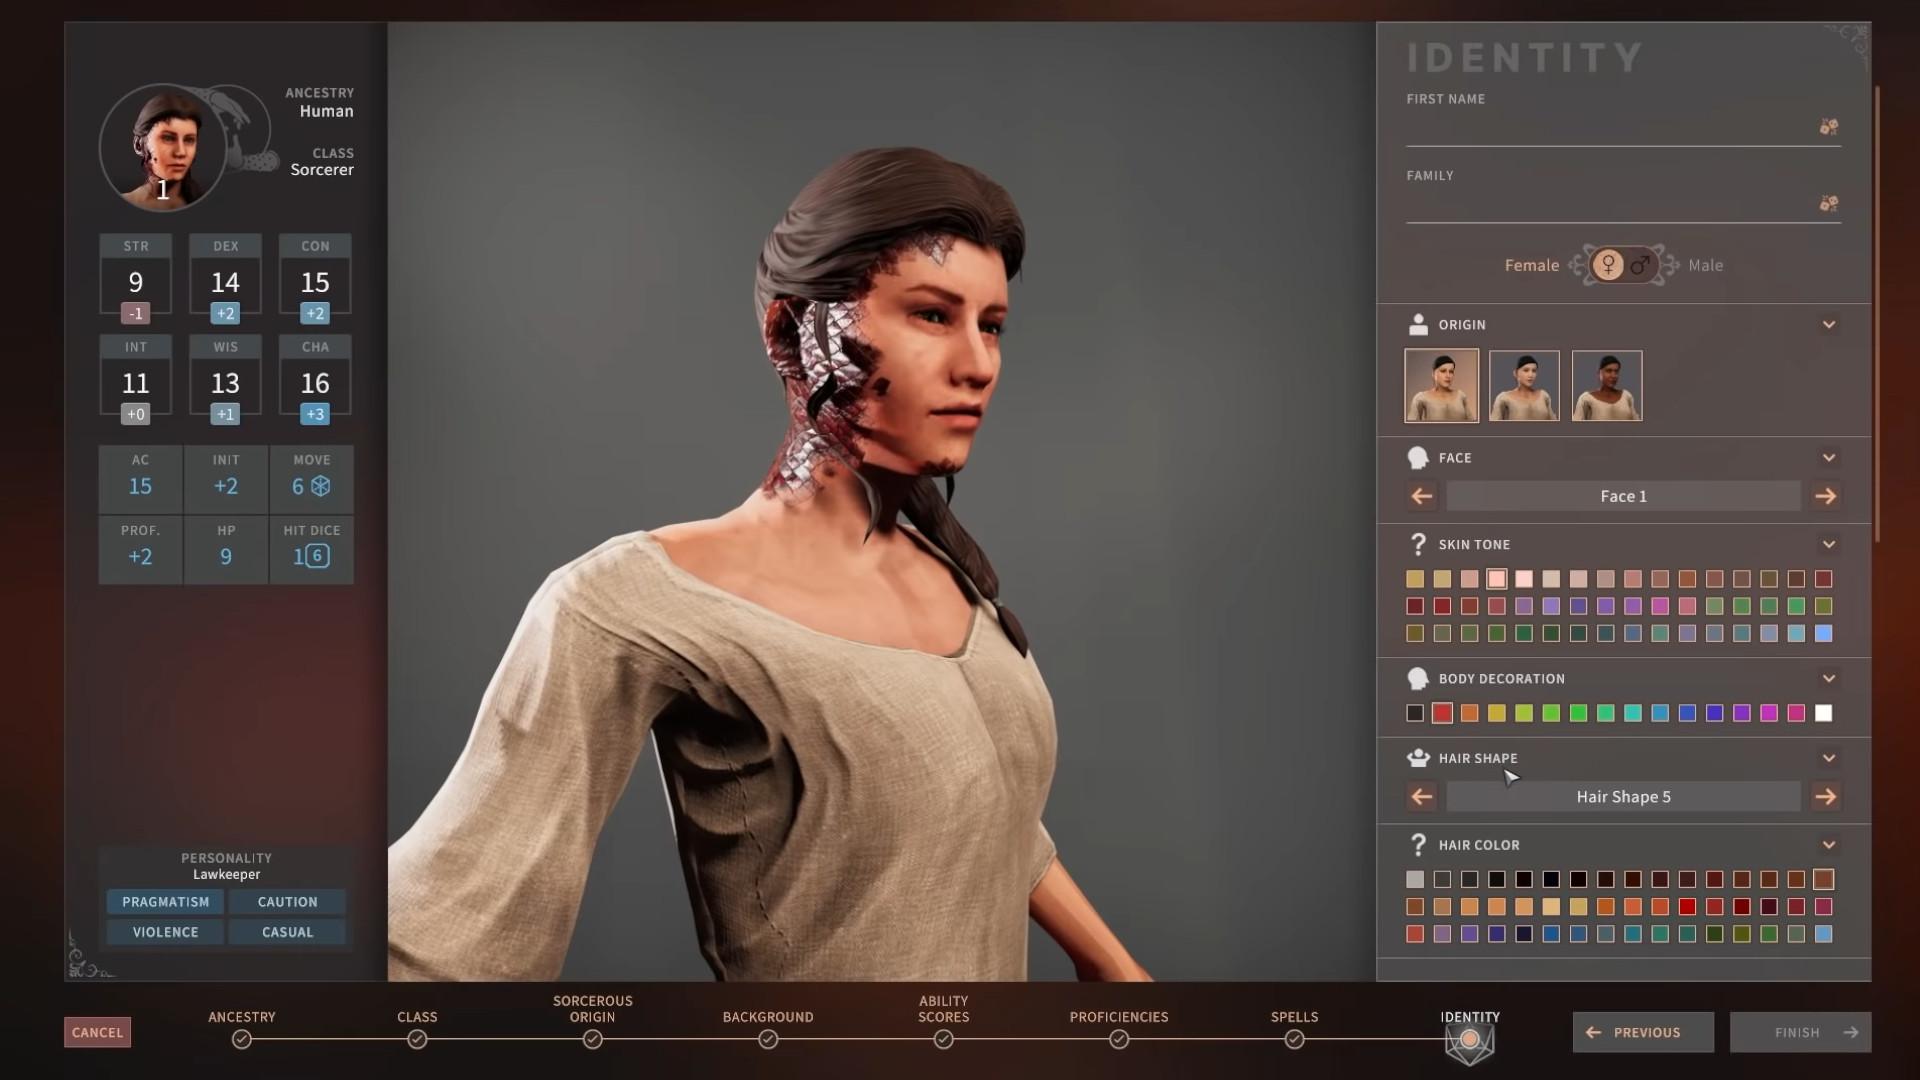 Solasta gets an update with D&D's 5E sorcerer class